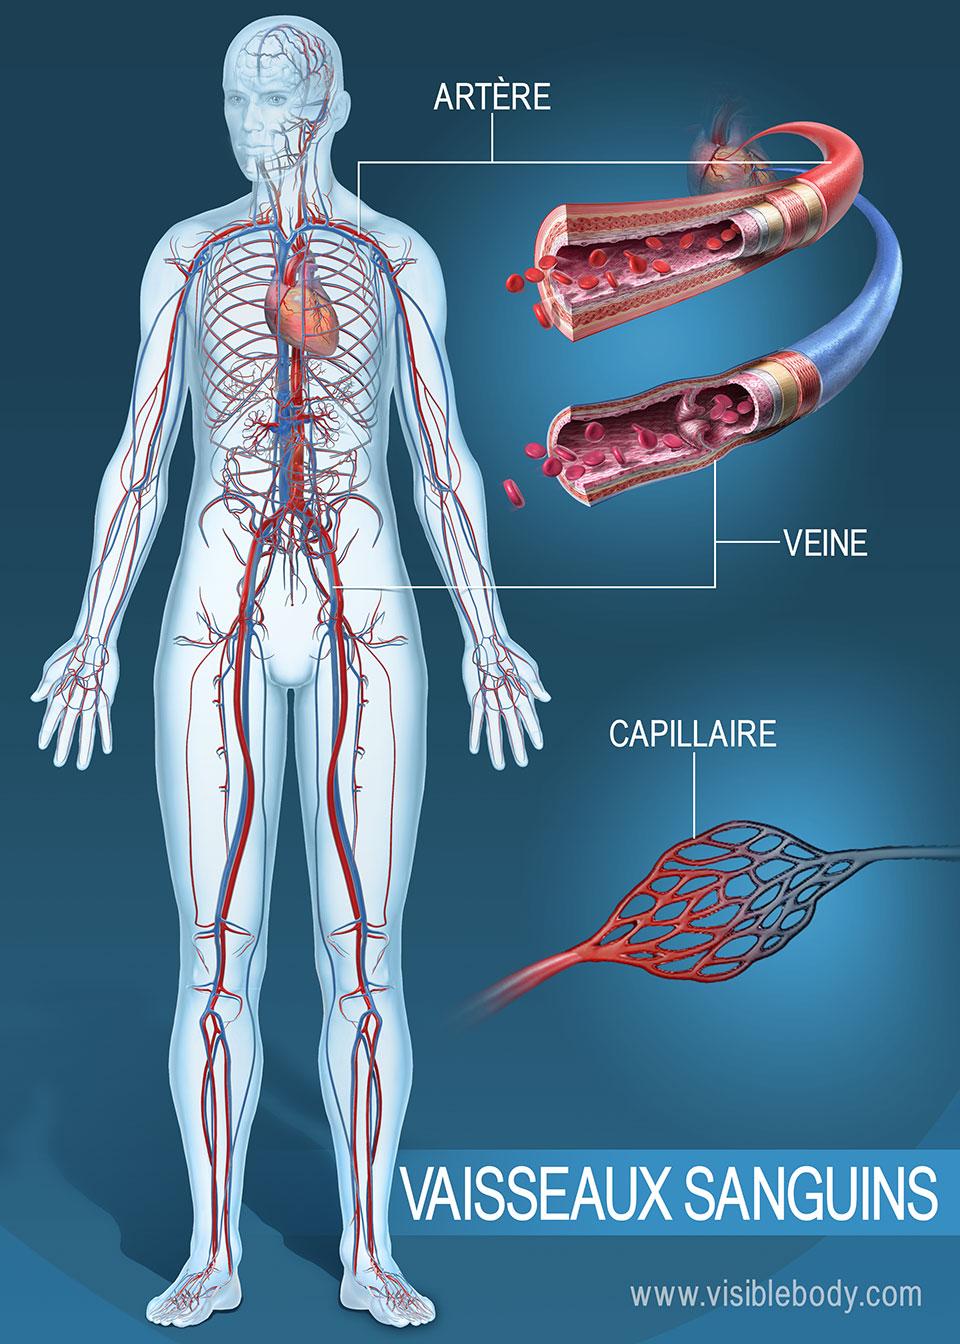 Vaisseaux sanguins du corps humain